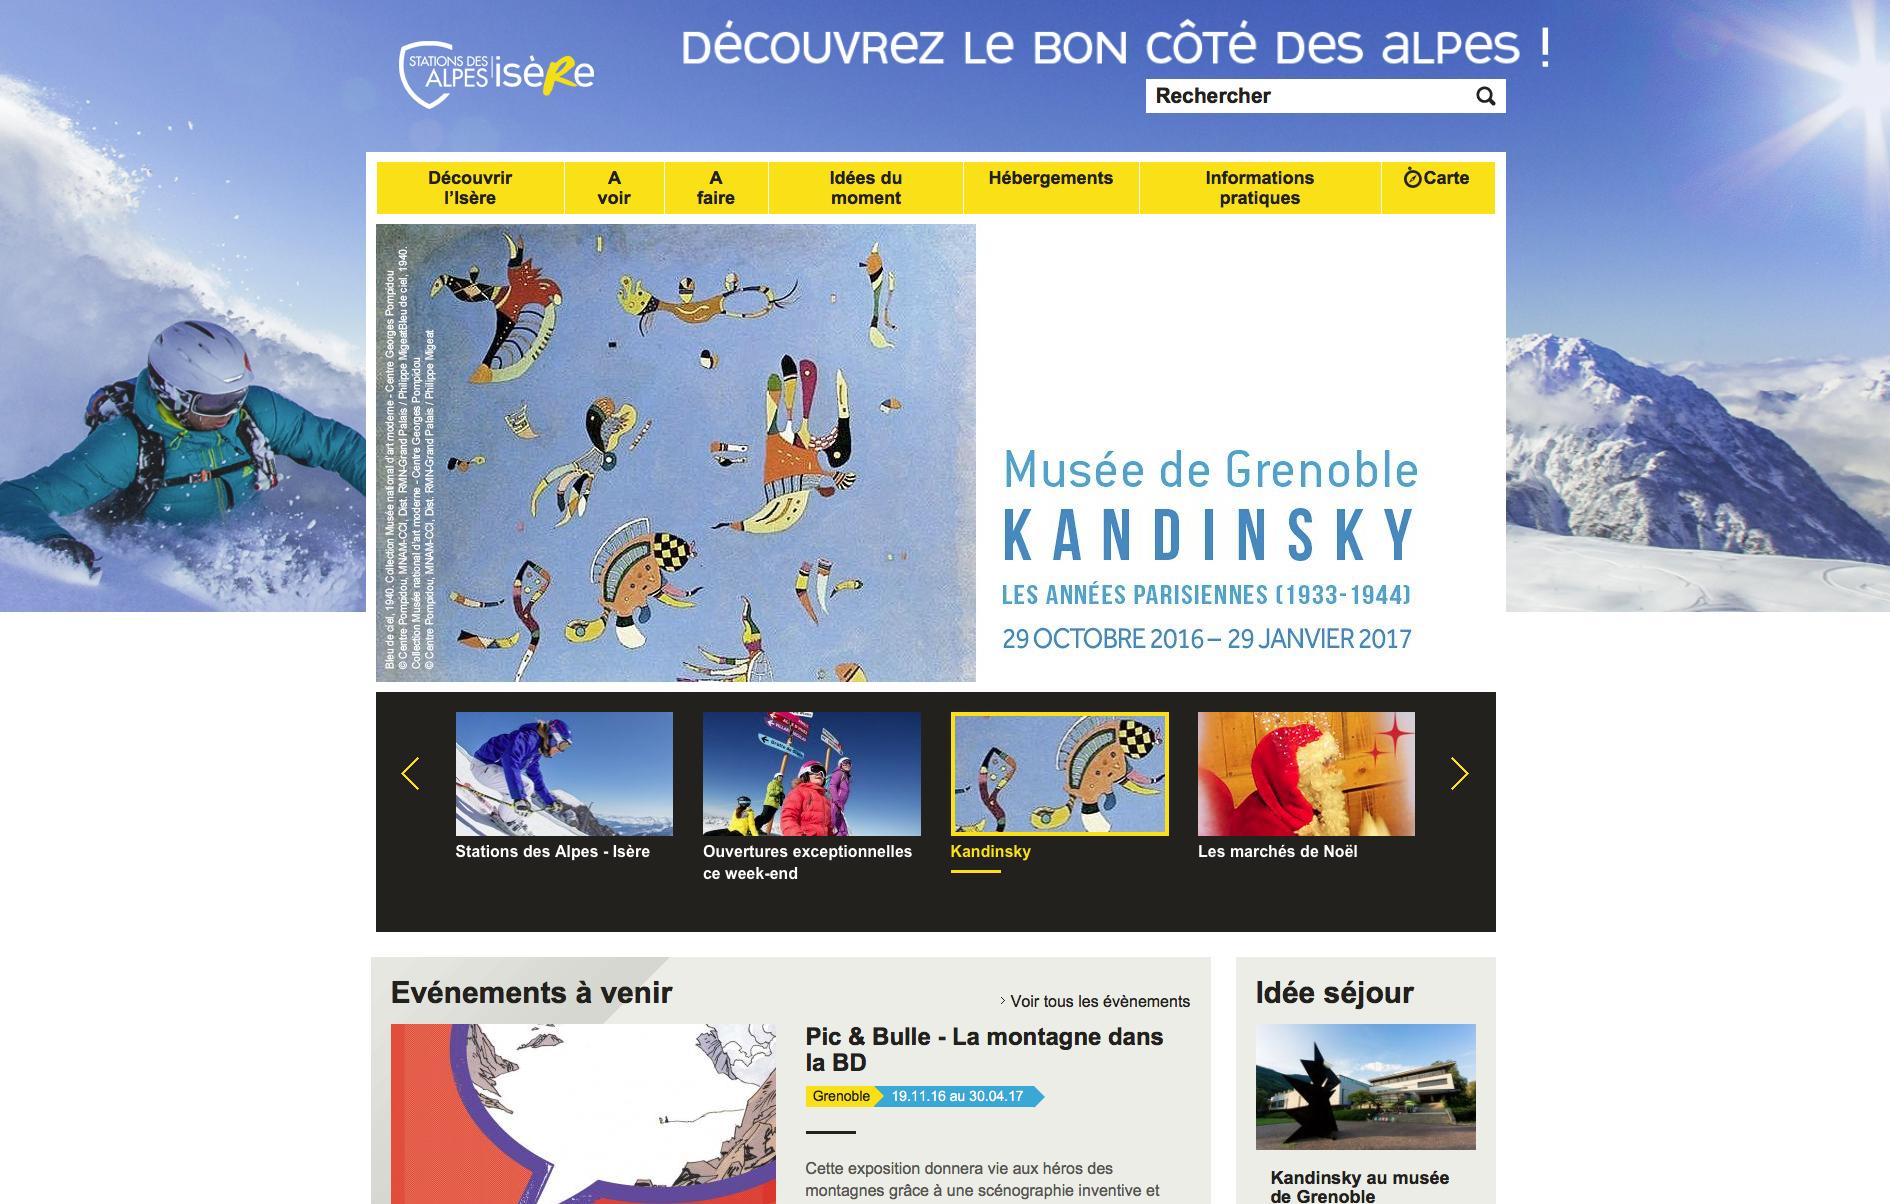 Touristische Übersetzung für das CDT Isère